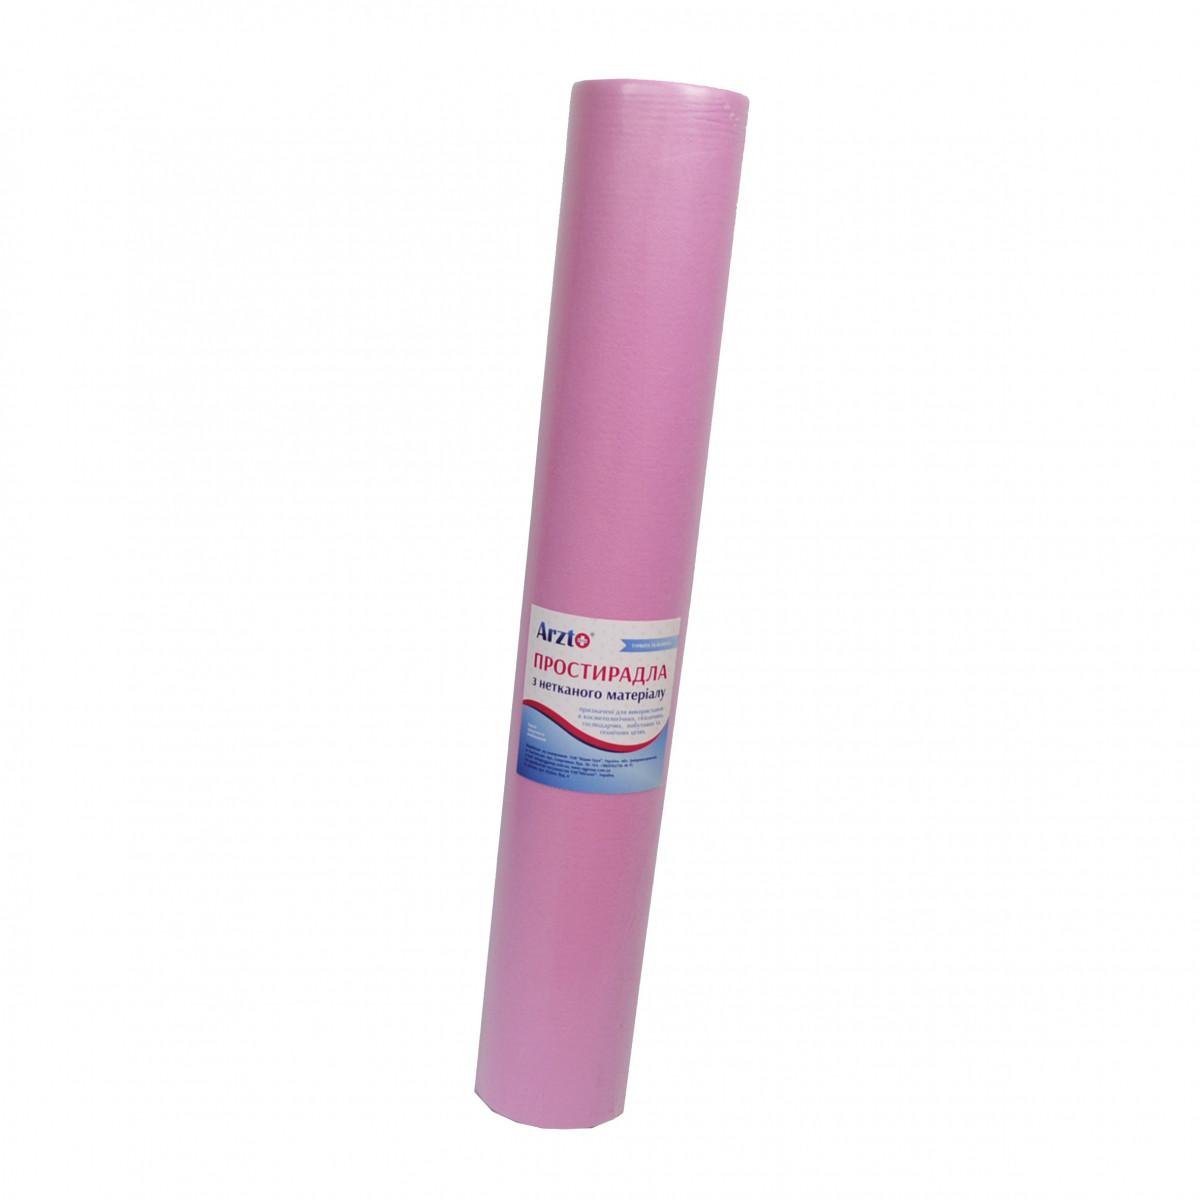 Рулон спанбонд Arzt plus 0,8х100 без перфорации (20 г/м2) розовый